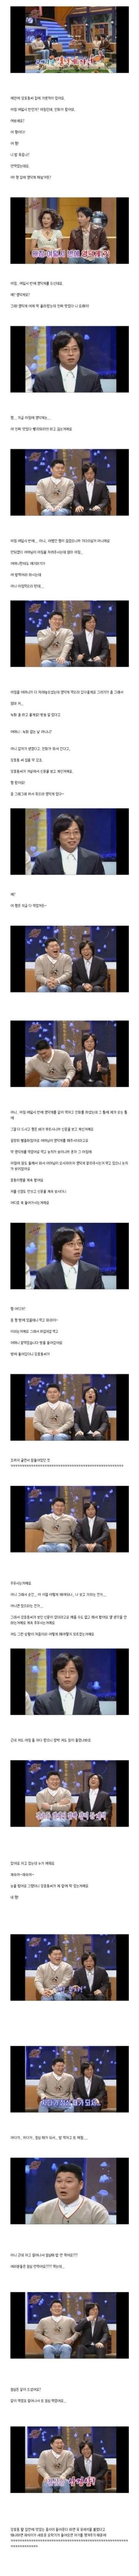 유명한 유재석 강호동 영덕게 사건...jpg